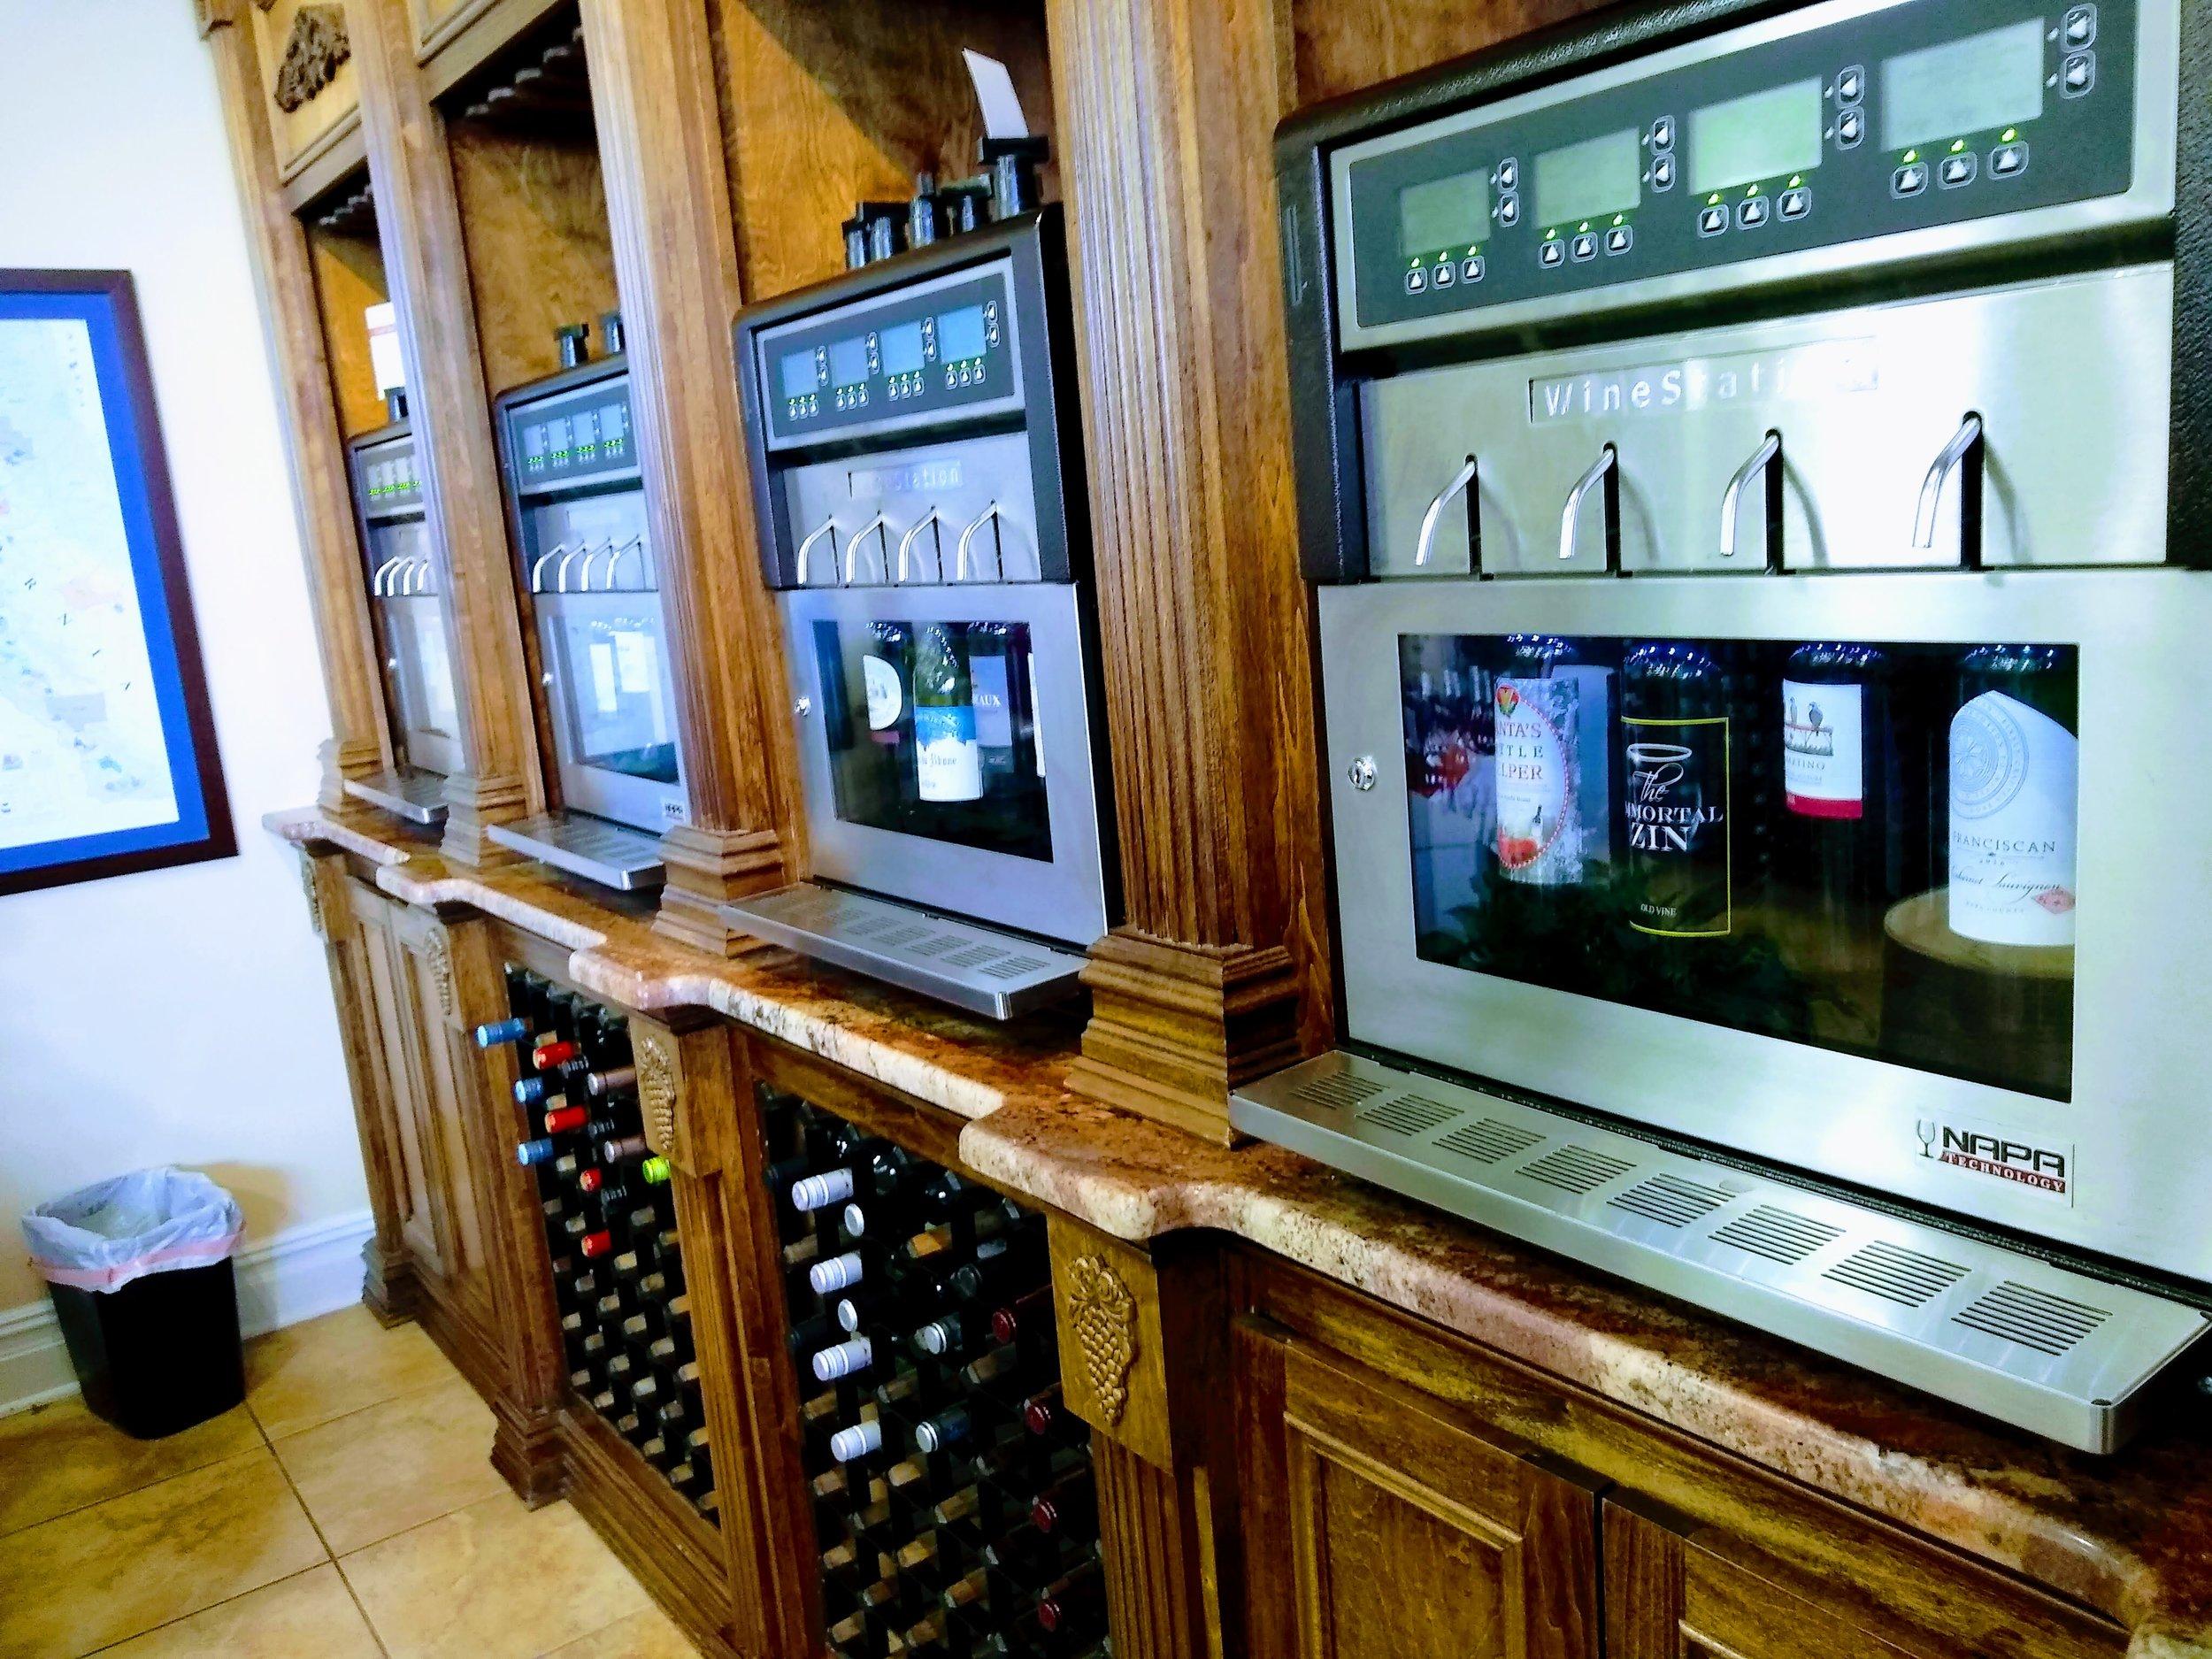 WineAcad-TasteStations.jpg